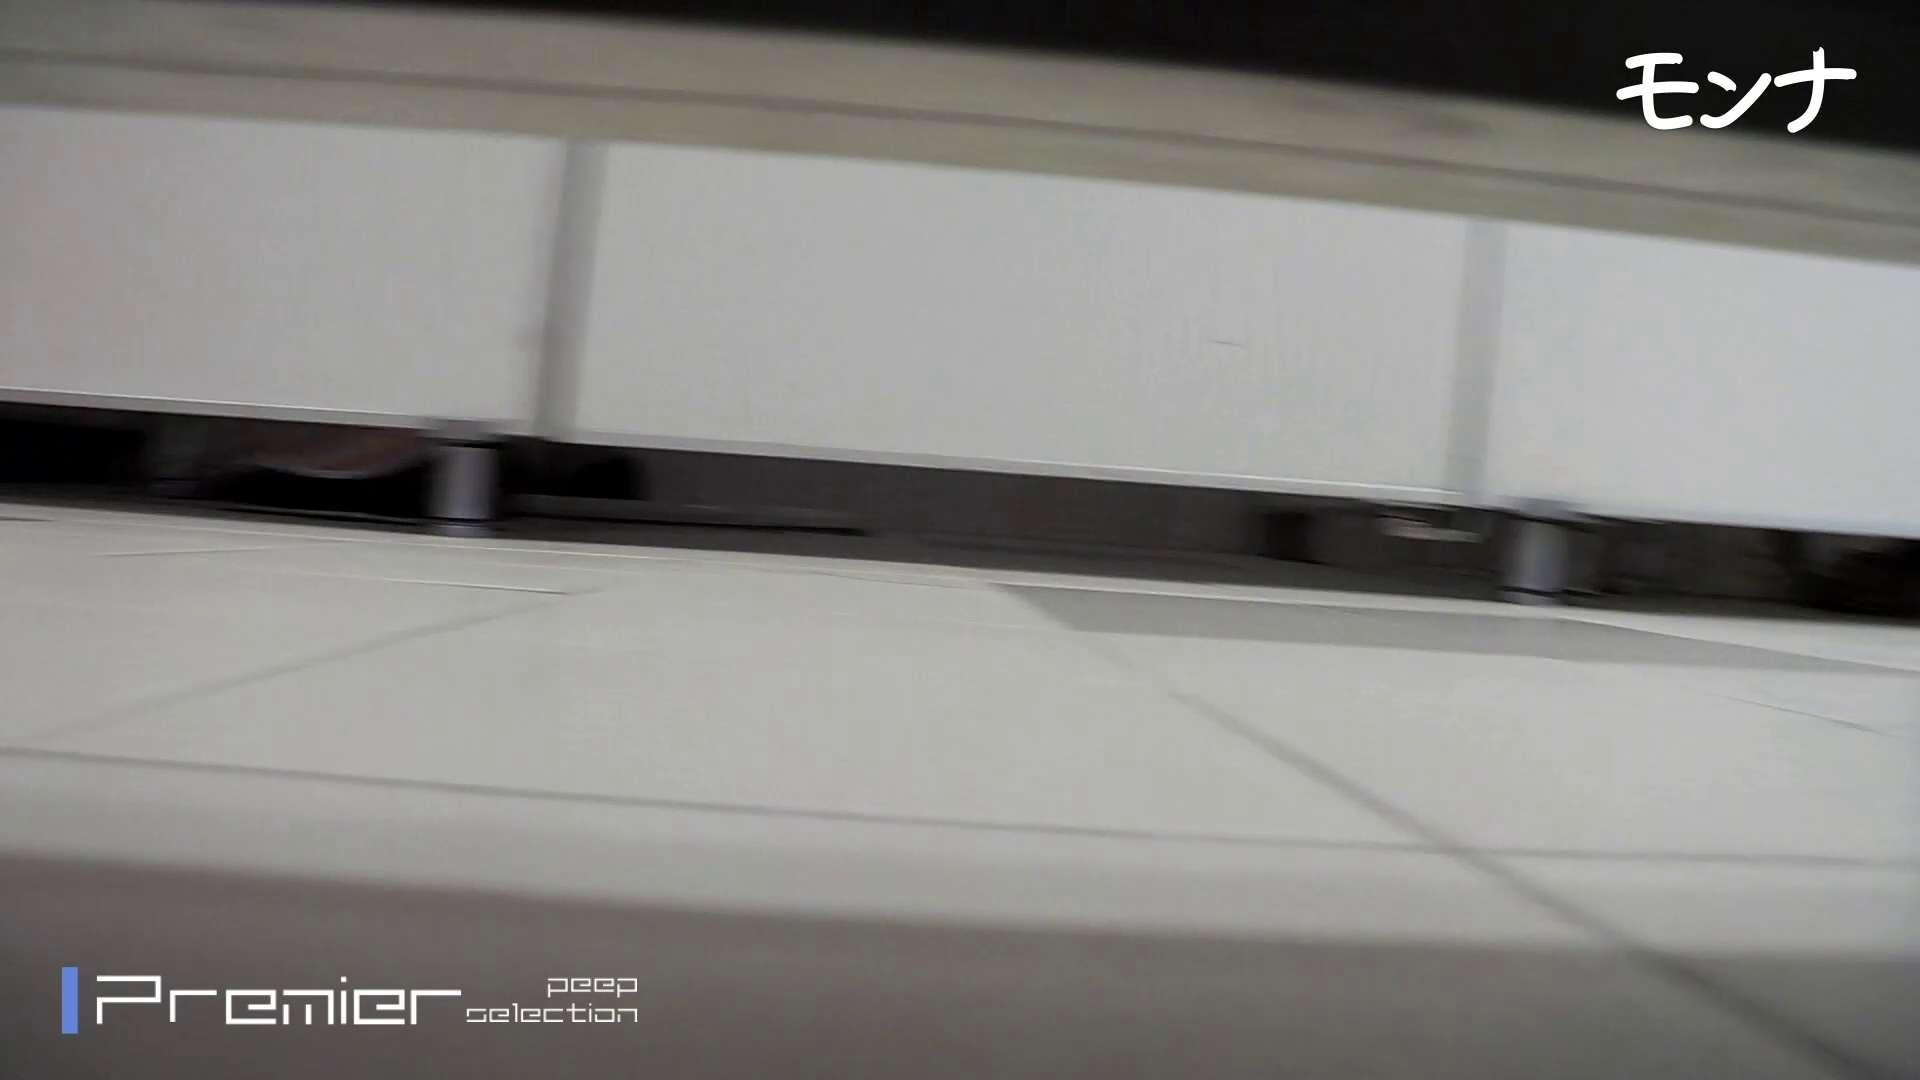 美しい日本の未来 No.88 セクシーな赤パンプスにズームイン! 高画質 エロ画像 90枚 44